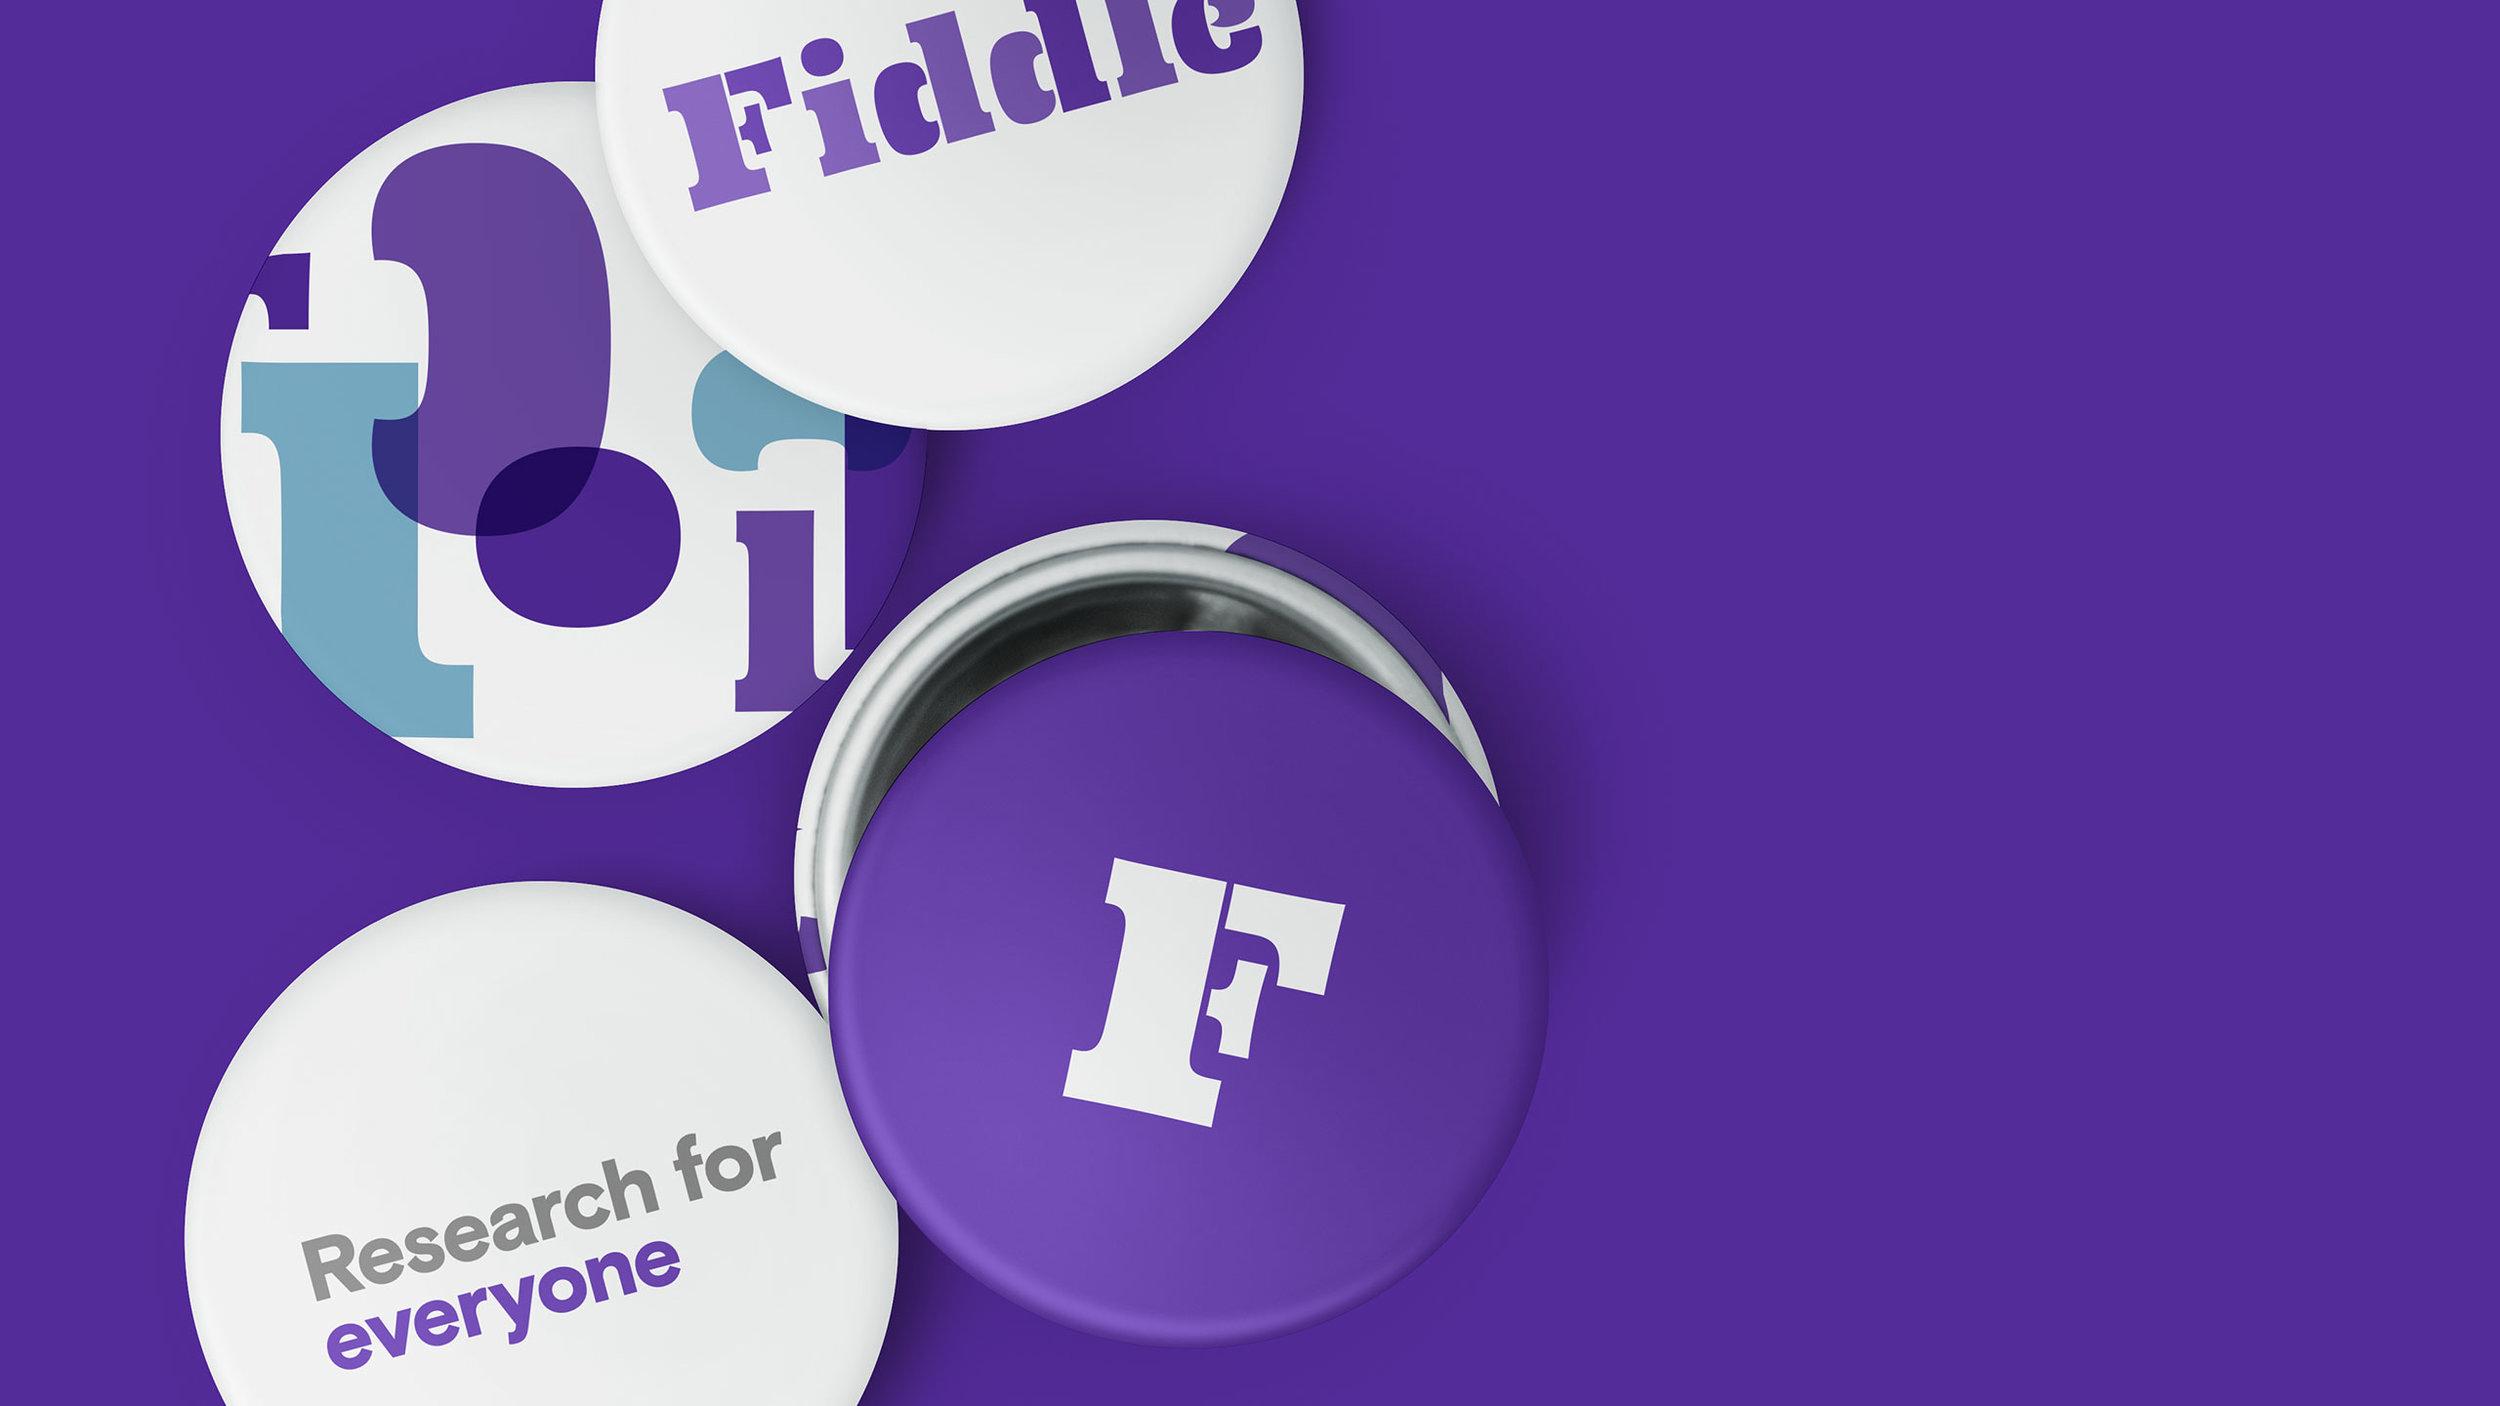 fiddle-7.jpg